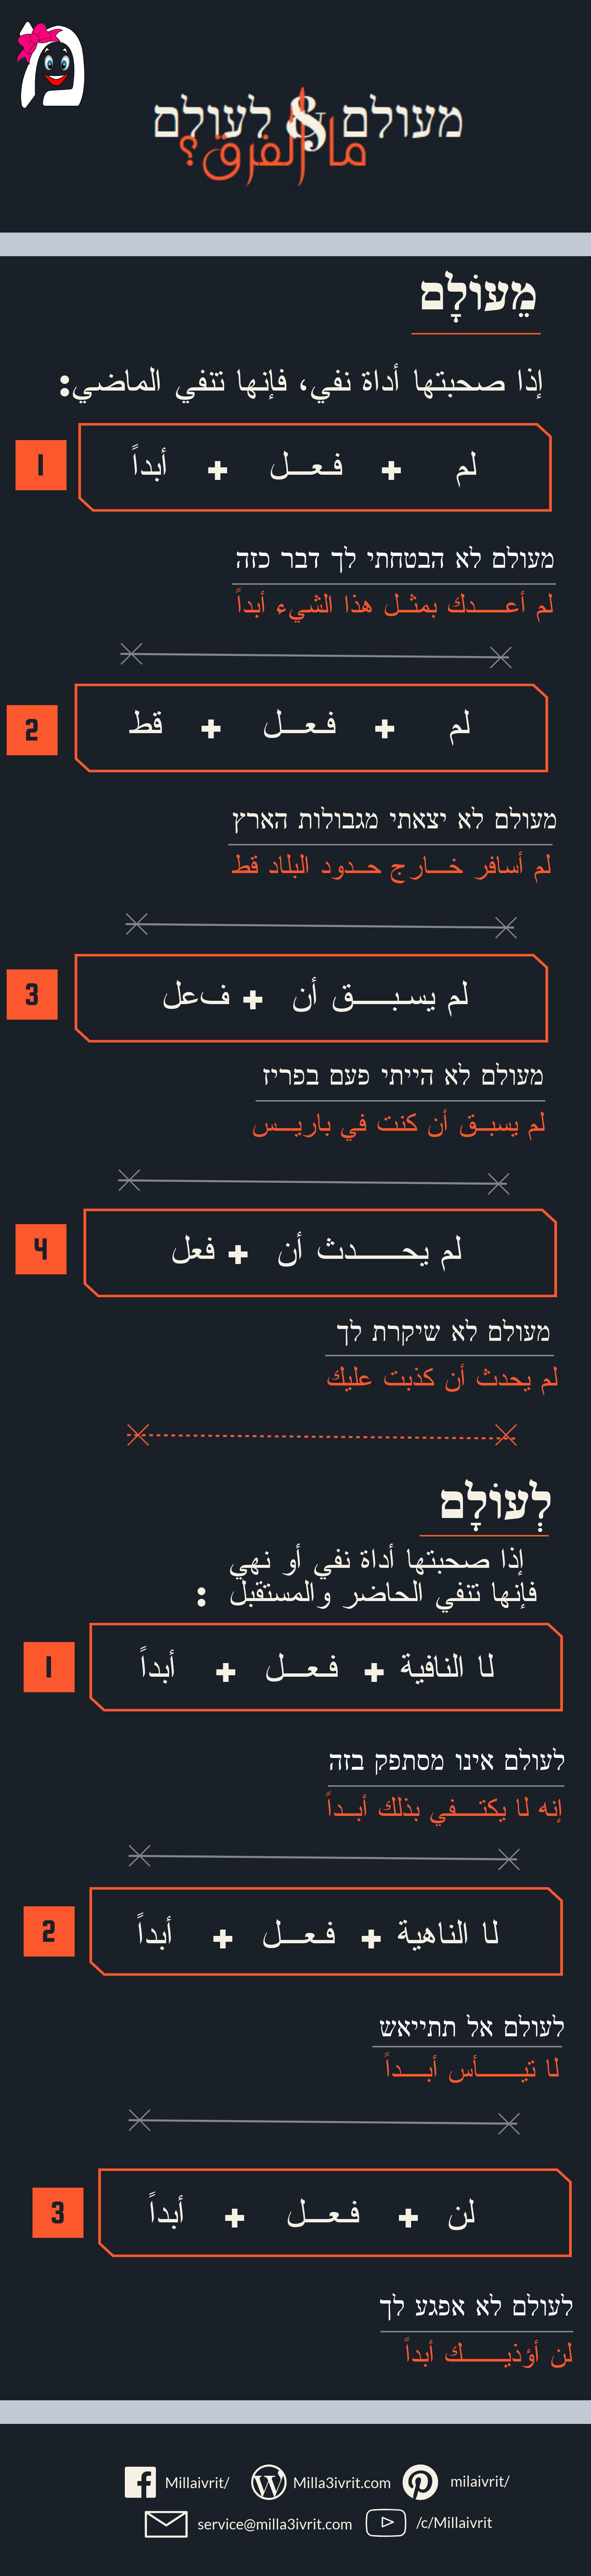 ما الفرق بين מעולם و לעולם أدوات النفي في العبرية النفي في العبرية Learn Hebrew Weather Screenshot Weather